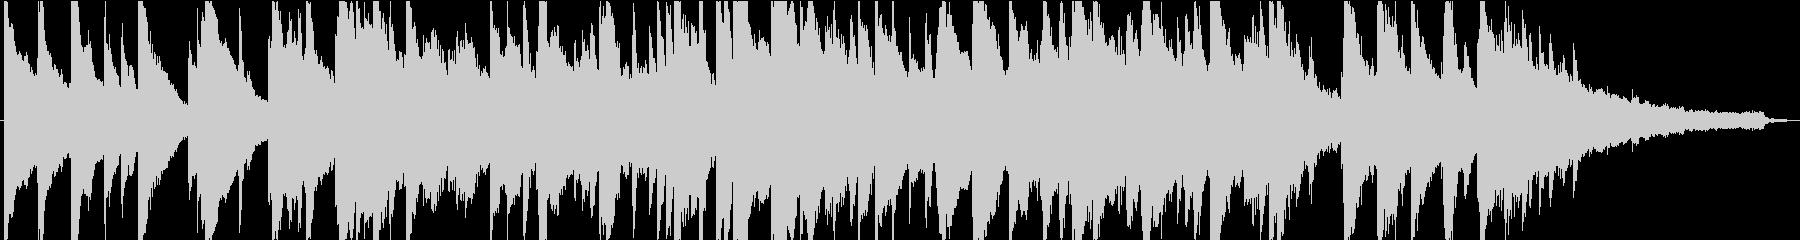 甘切ない雰囲気の約60秒のピアノ楽曲ですの未再生の波形